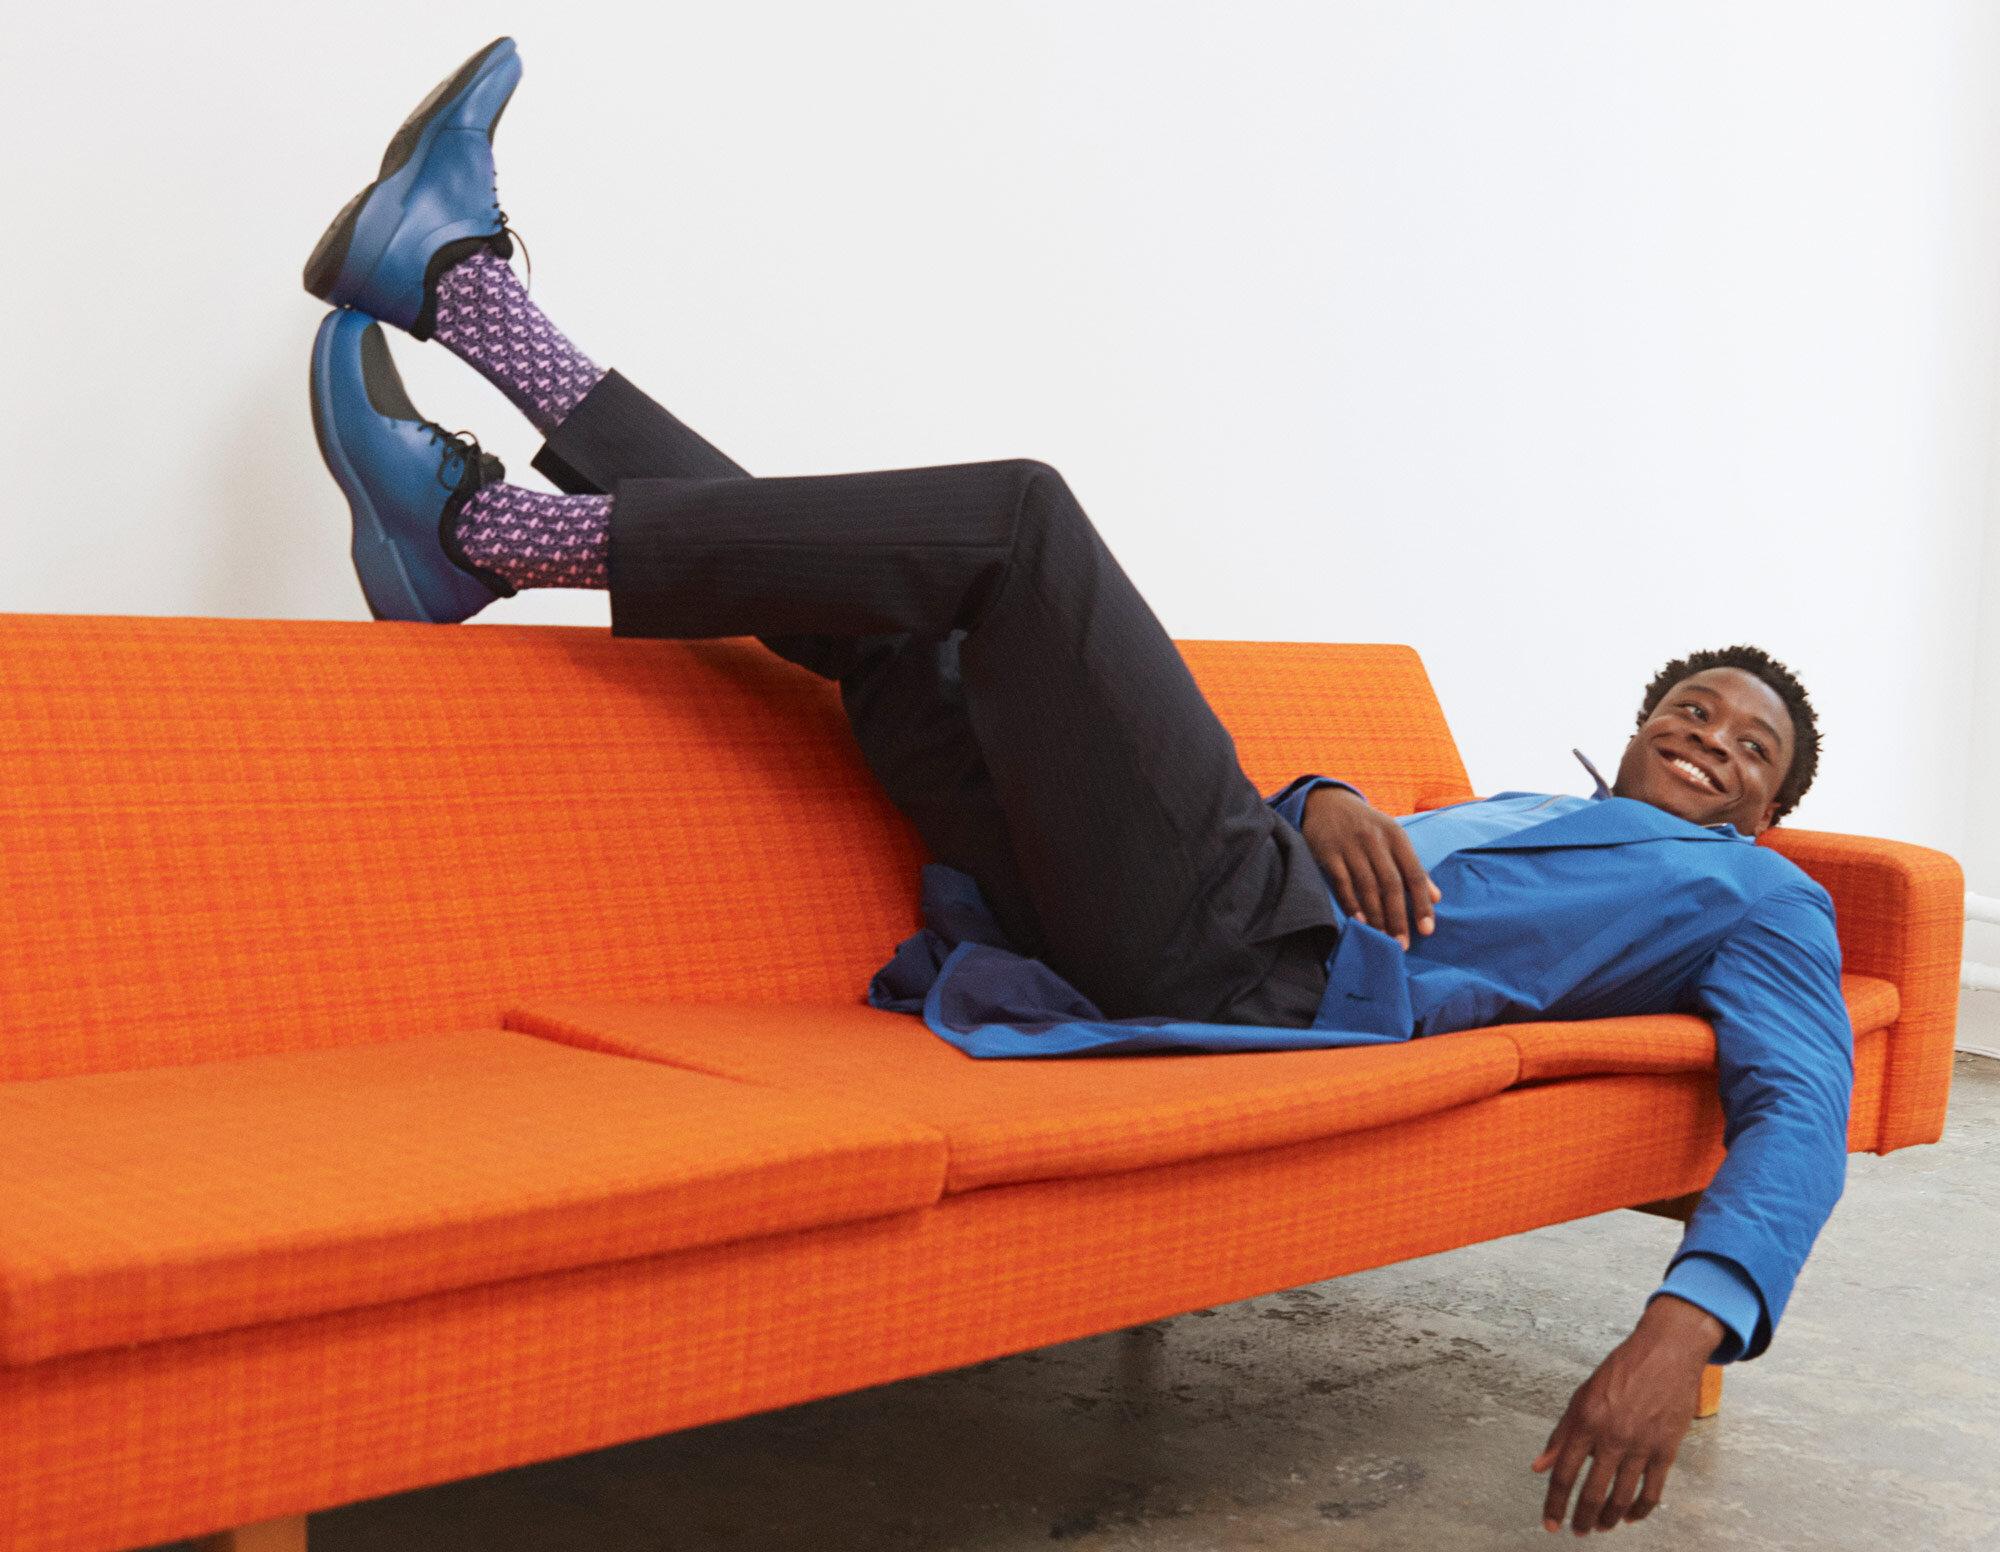 happy socks x men's Wearhouse - Danyel Mejia / skarp creative